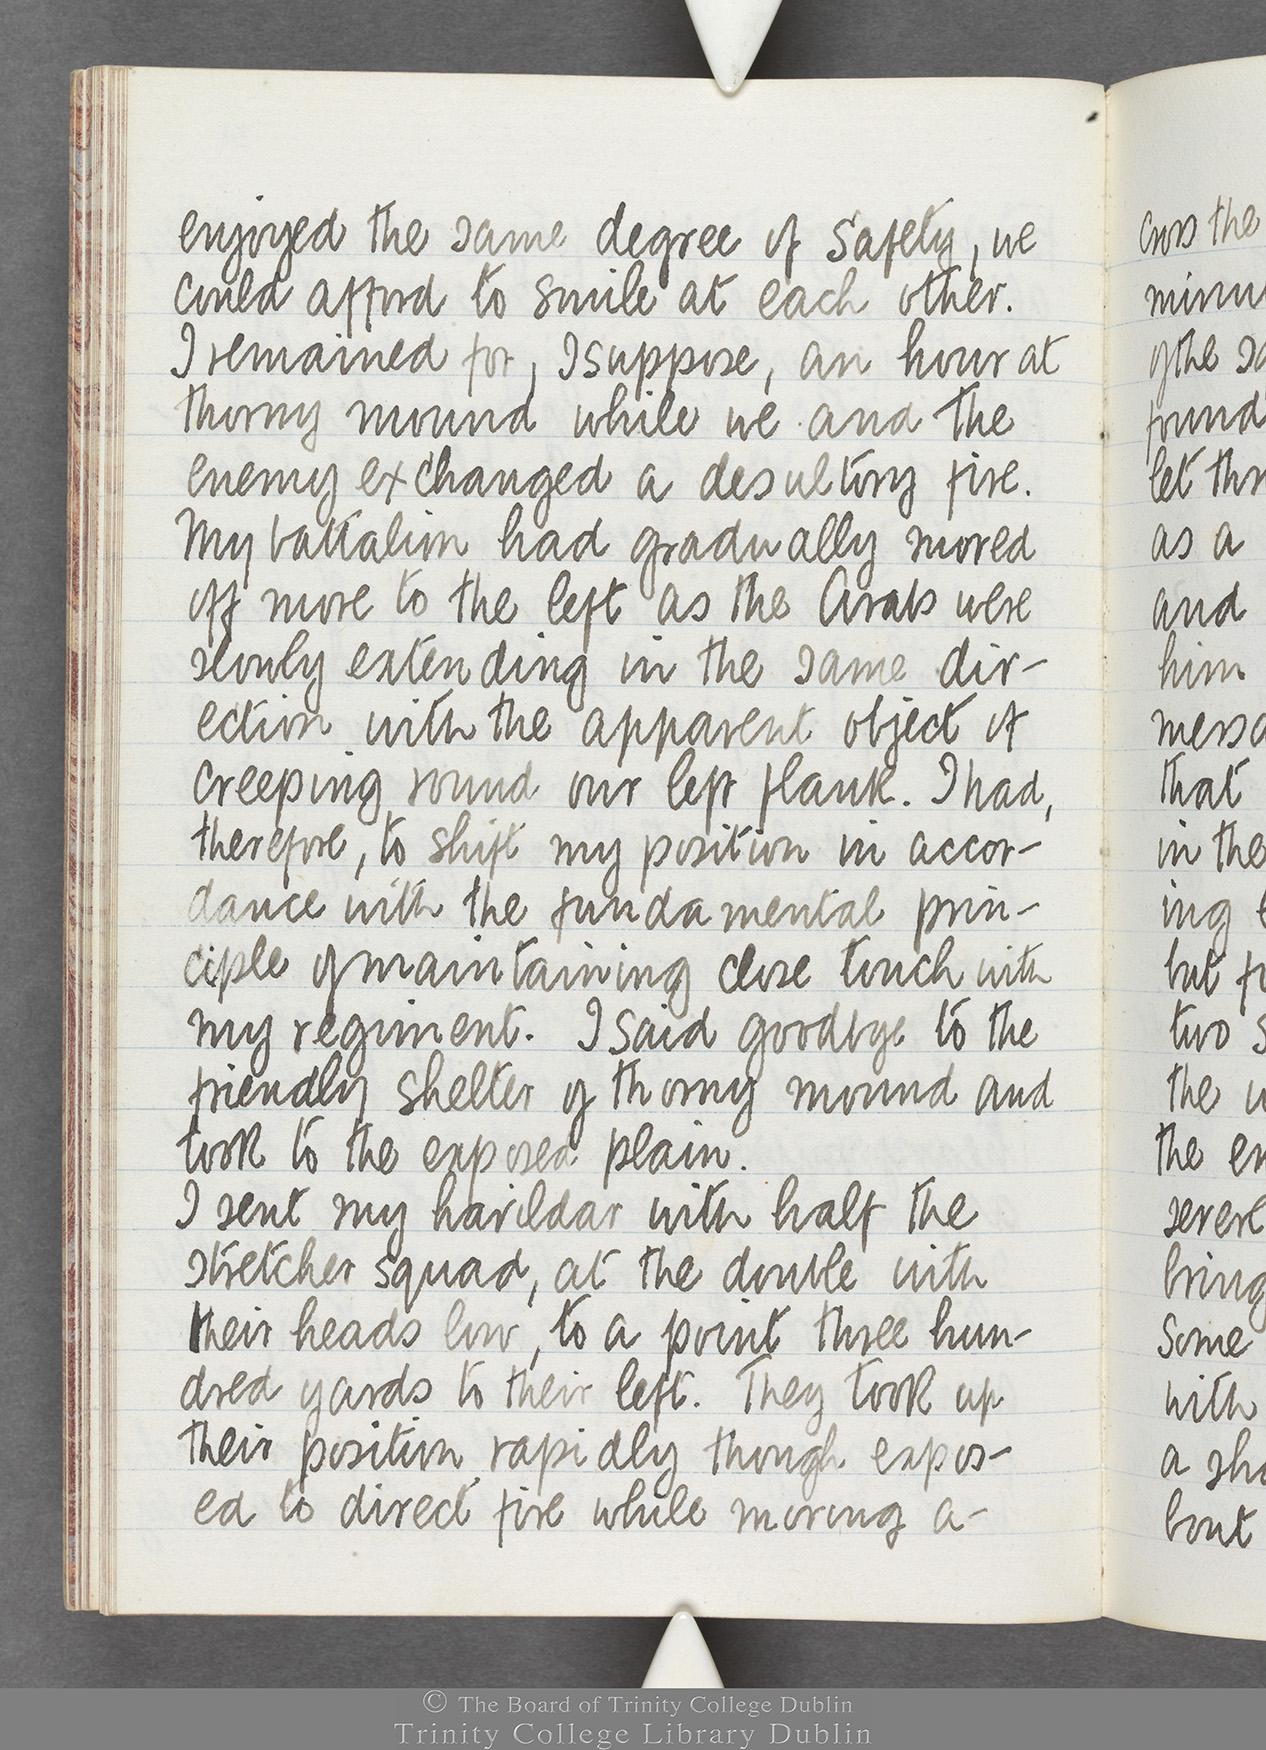 TCD MS 10516 folio 31 verso